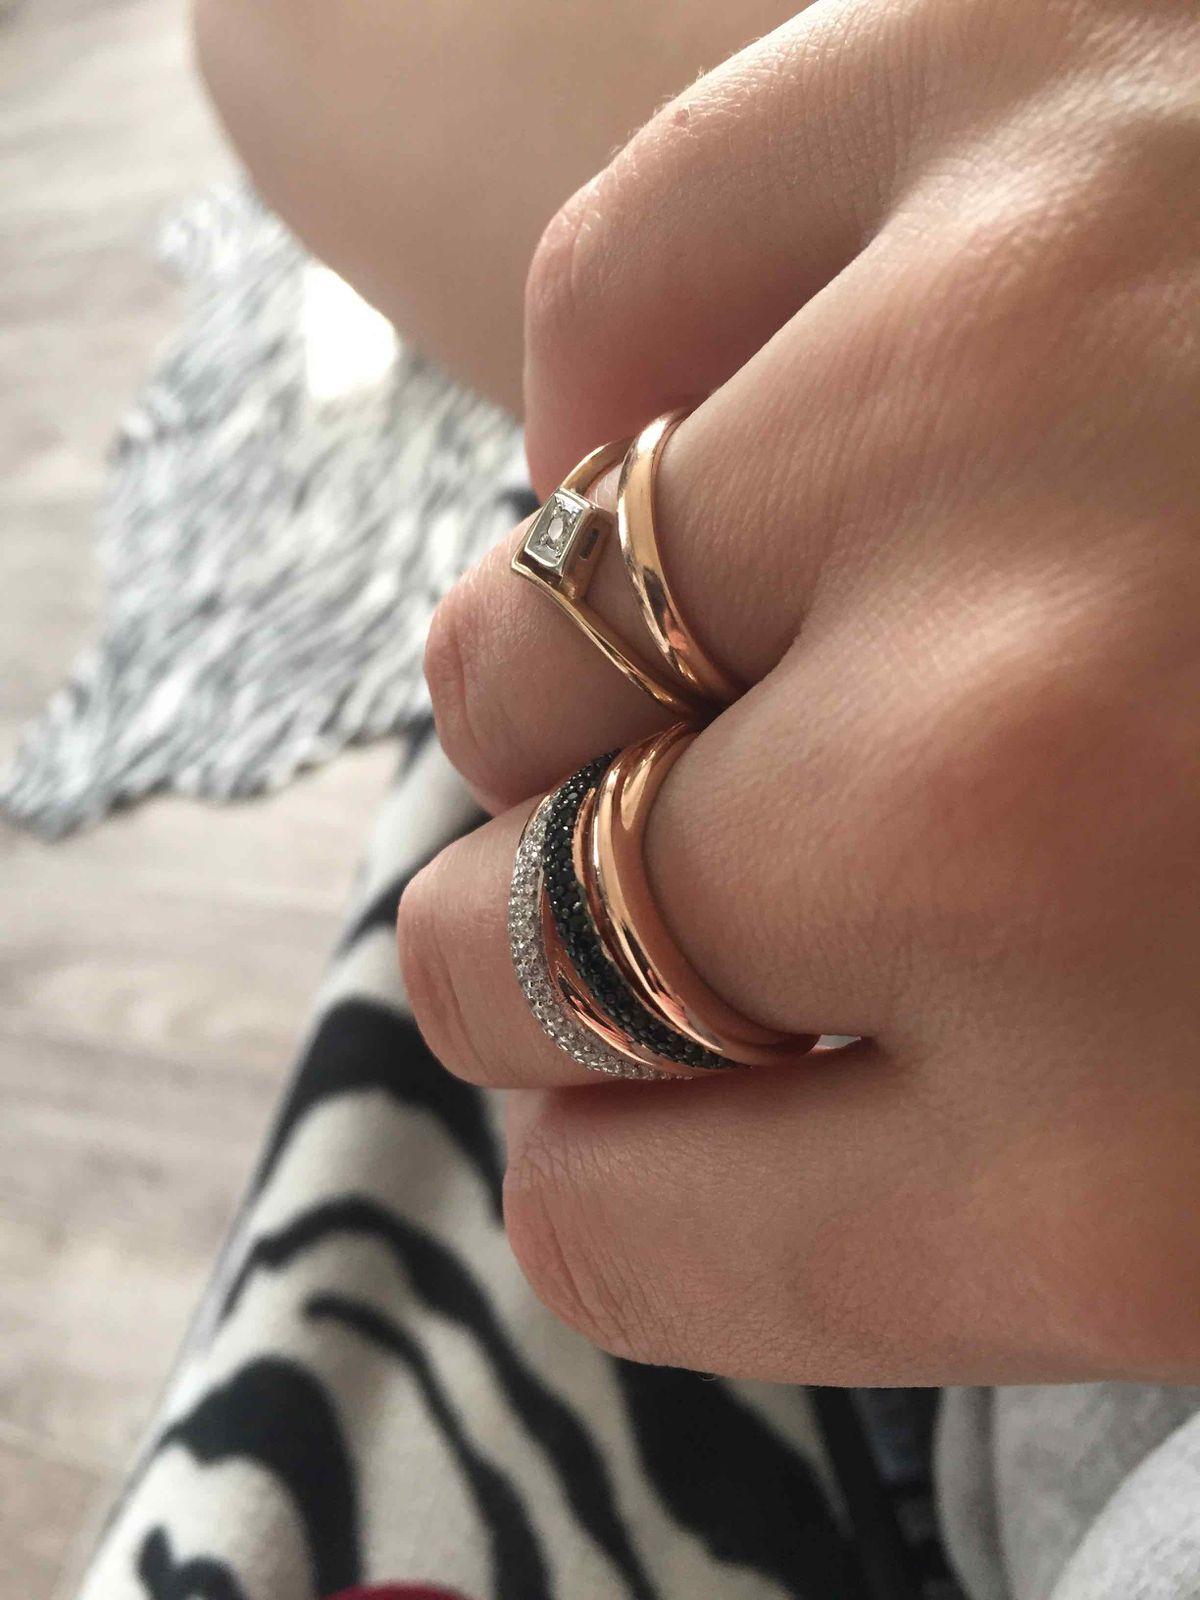 Очень красивое кольцо, целенаправленно пришла за ним, смотрится как золото.